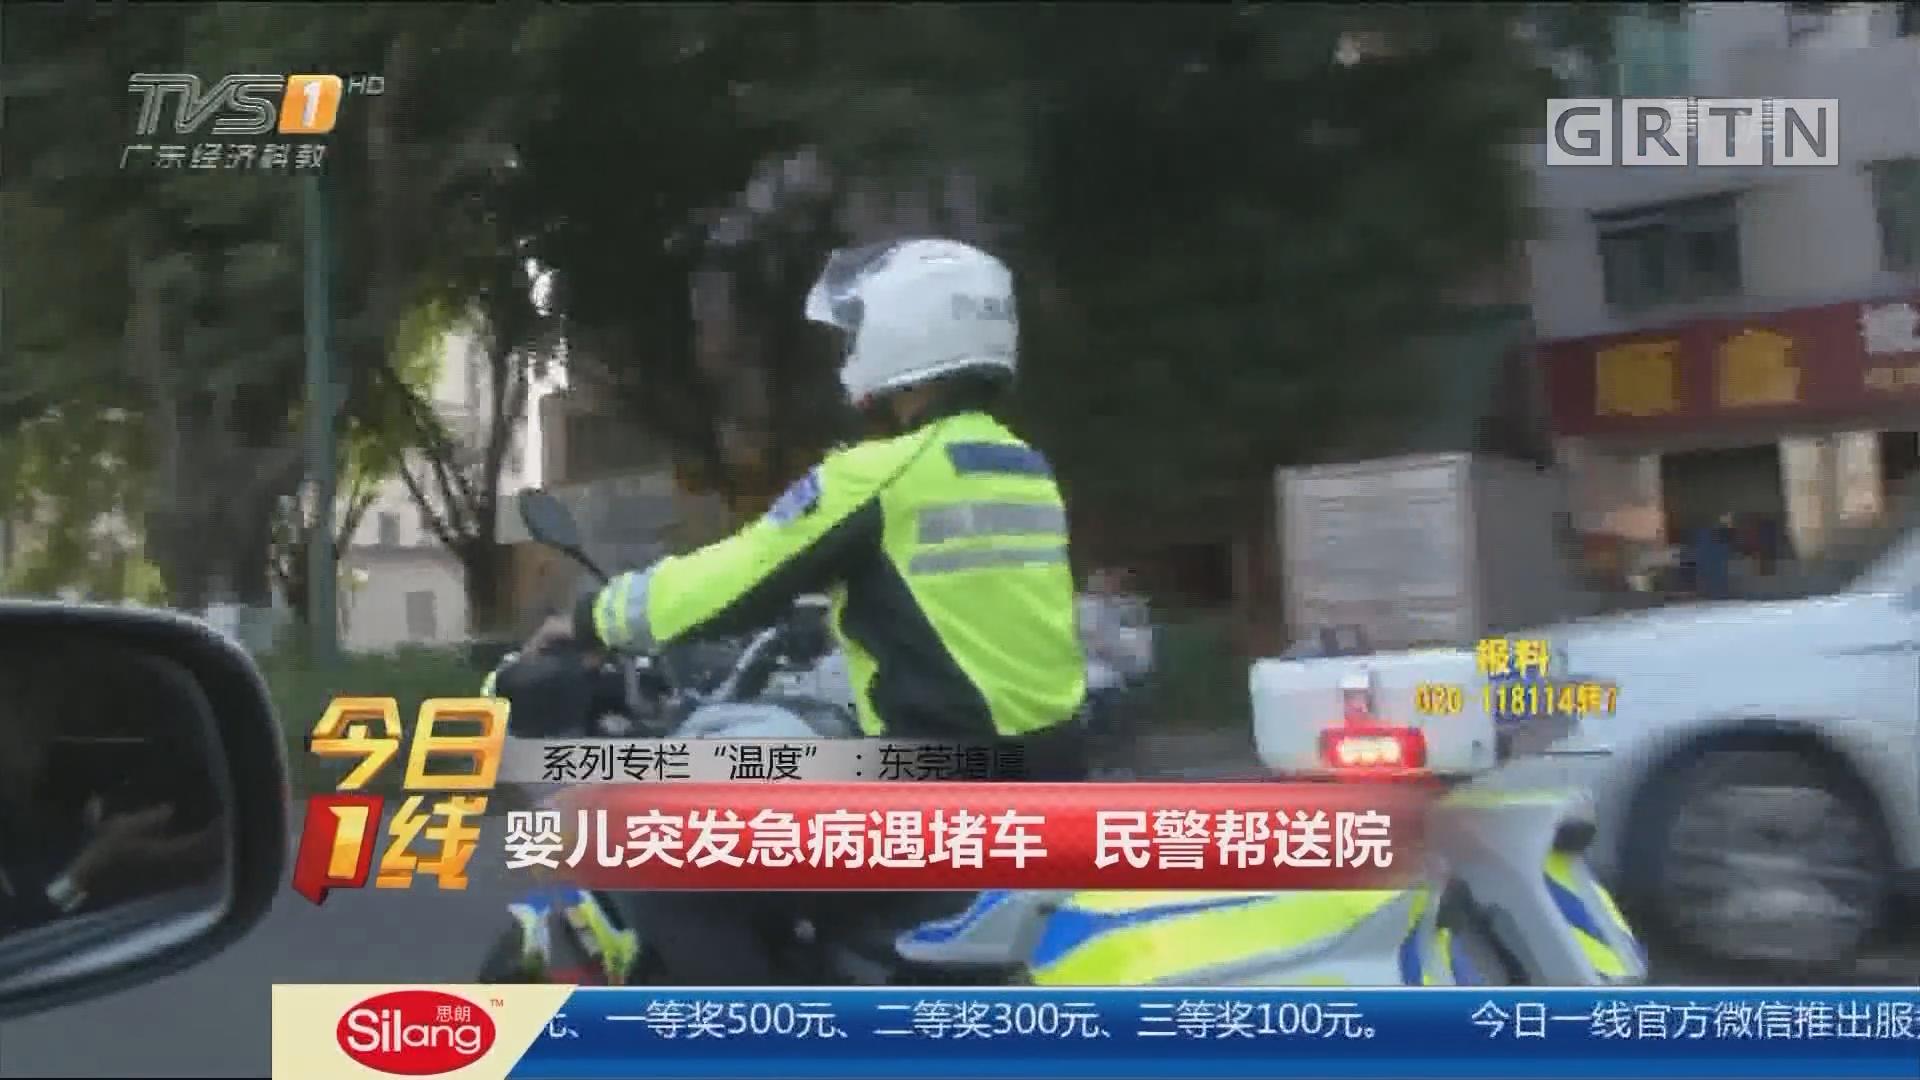 """系列专栏""""温度"""":东莞塘厦 婴儿突发急病遇堵车 民警帮送院"""